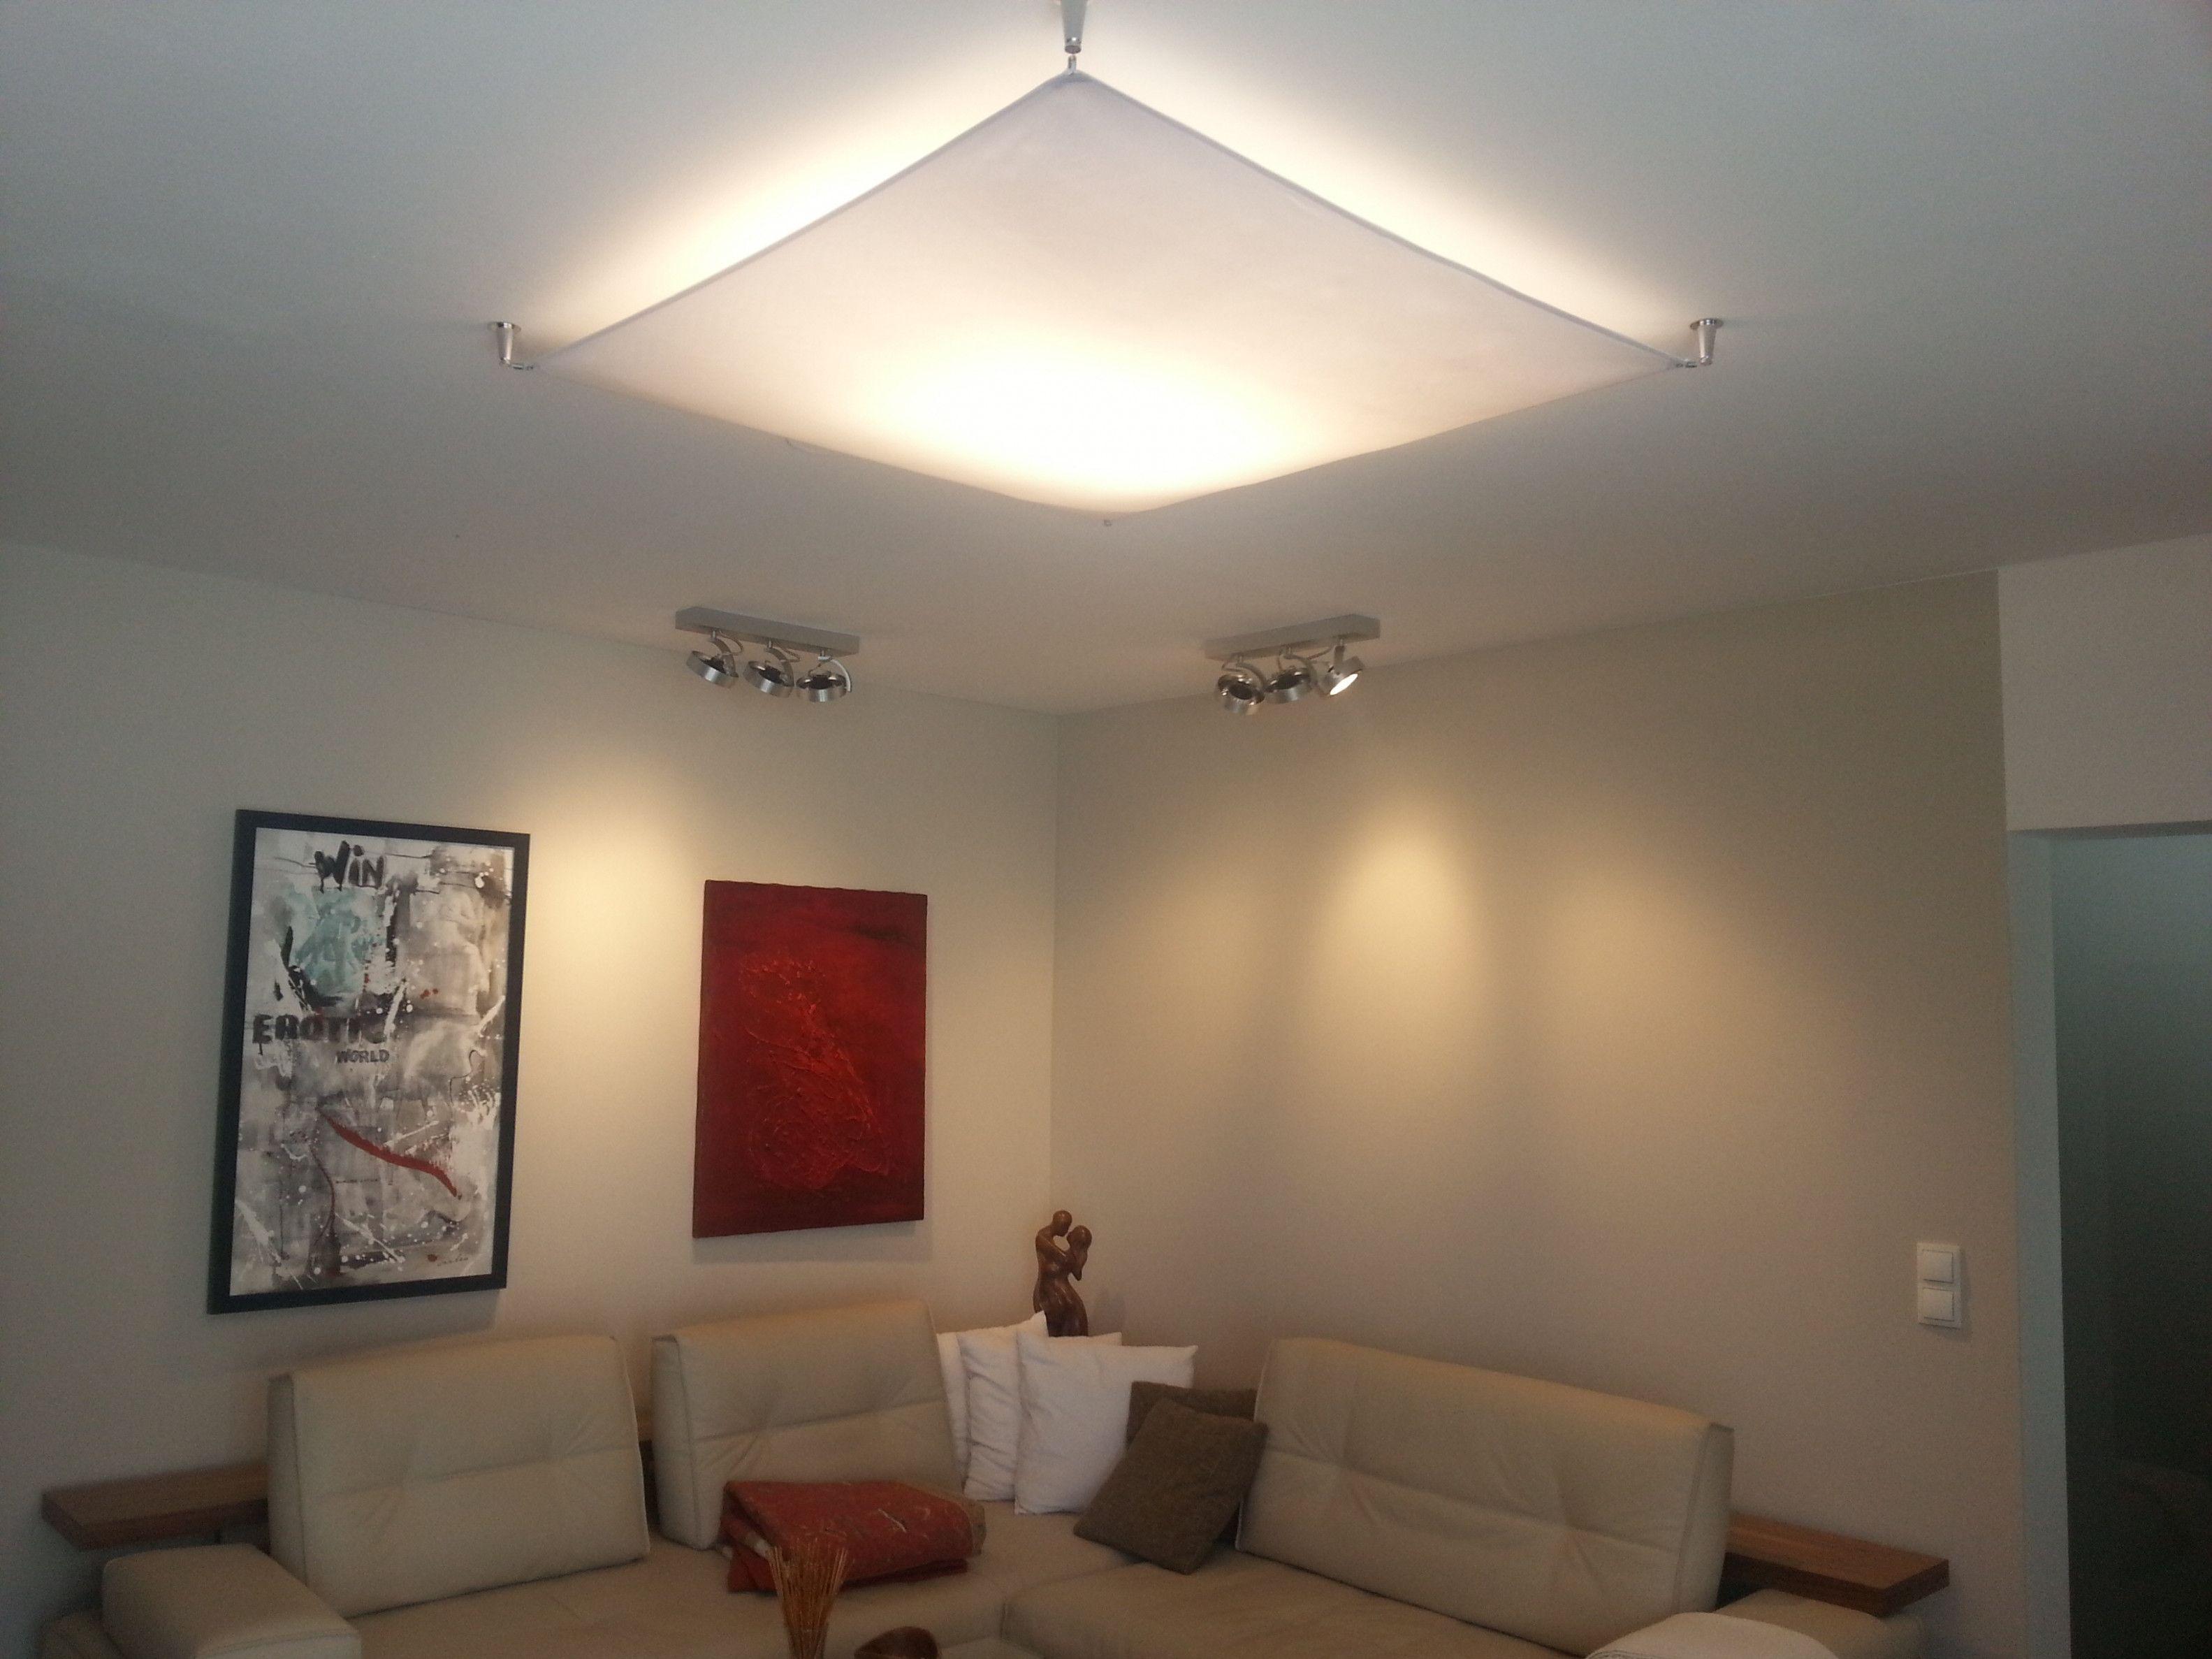 Pinterest Wohnzimmer Lampe Lampen Wohnzimmer Wohnzimmerbeleuchtung Lampen Decke